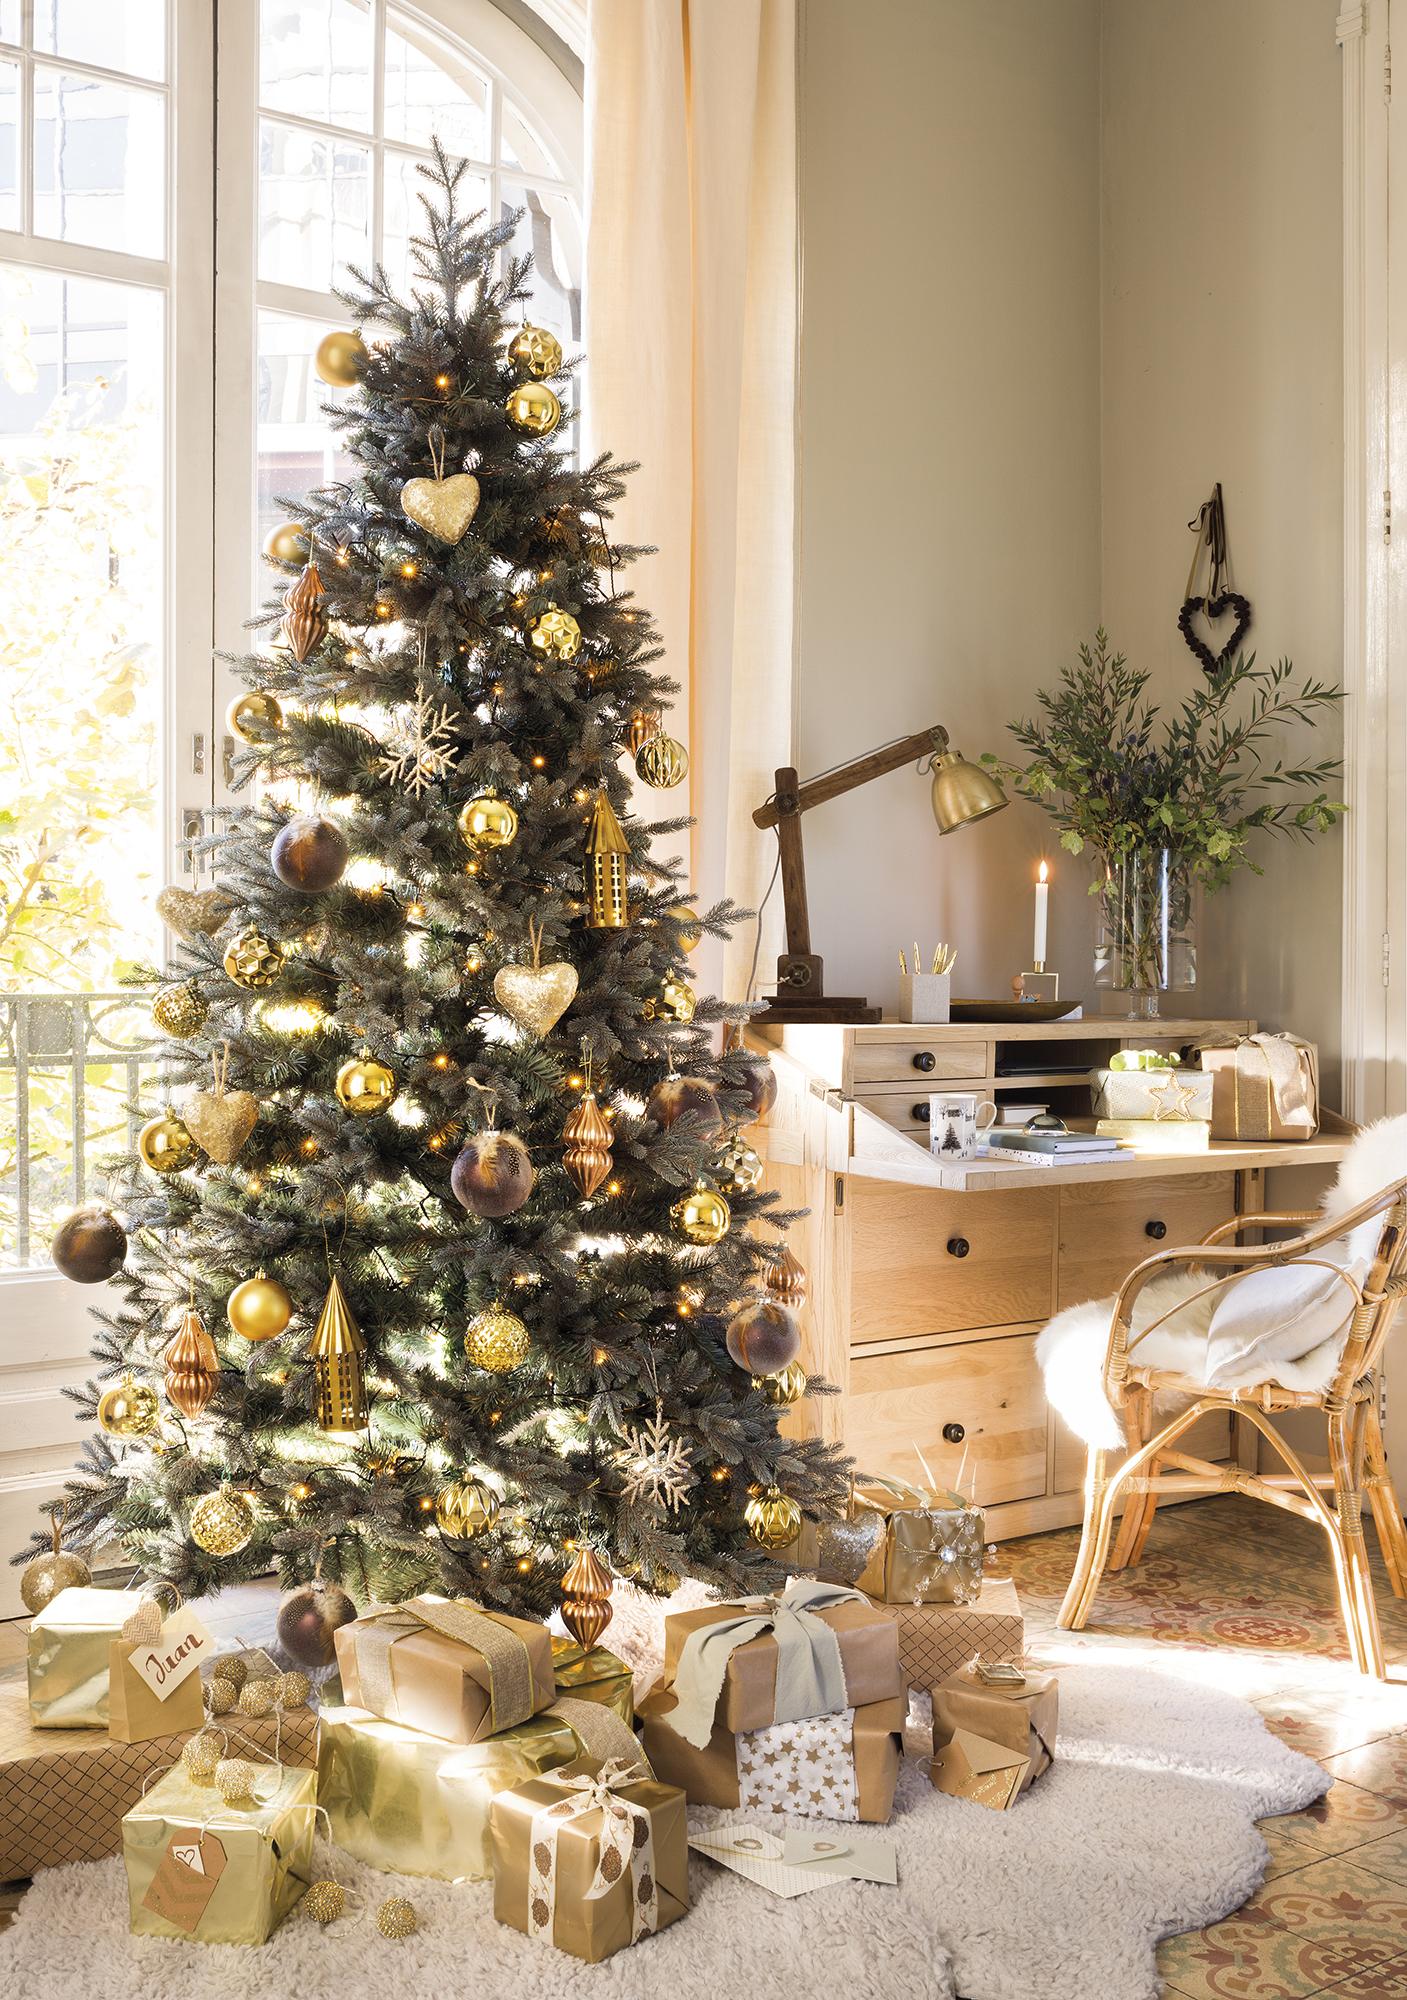 Decora tu casa de navidad con dorado - Adornos para navidad ...